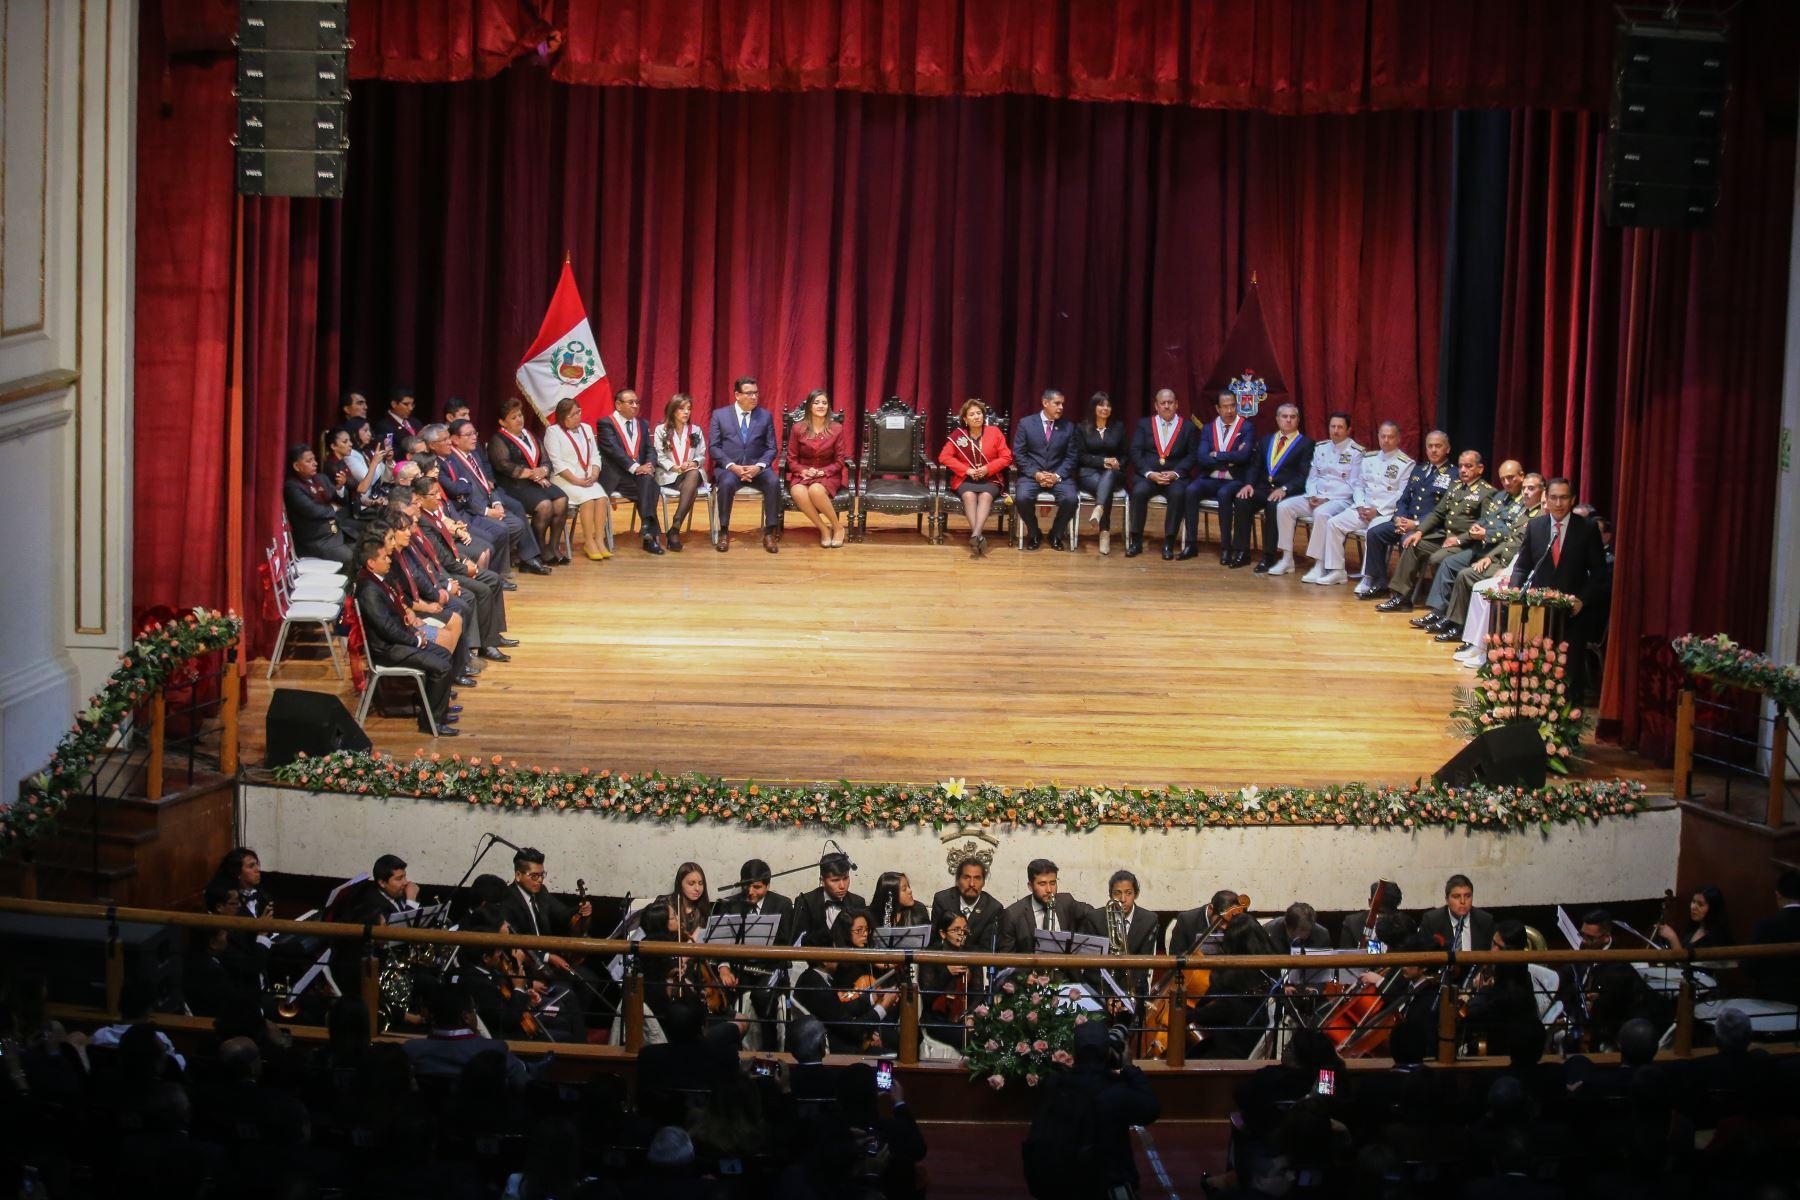 Presidente de la República, Martin Vizcarra, participó en sesión solemne por los 478 aniversario de Arequipa. Foto: ANDINA/Prensa Presidencia